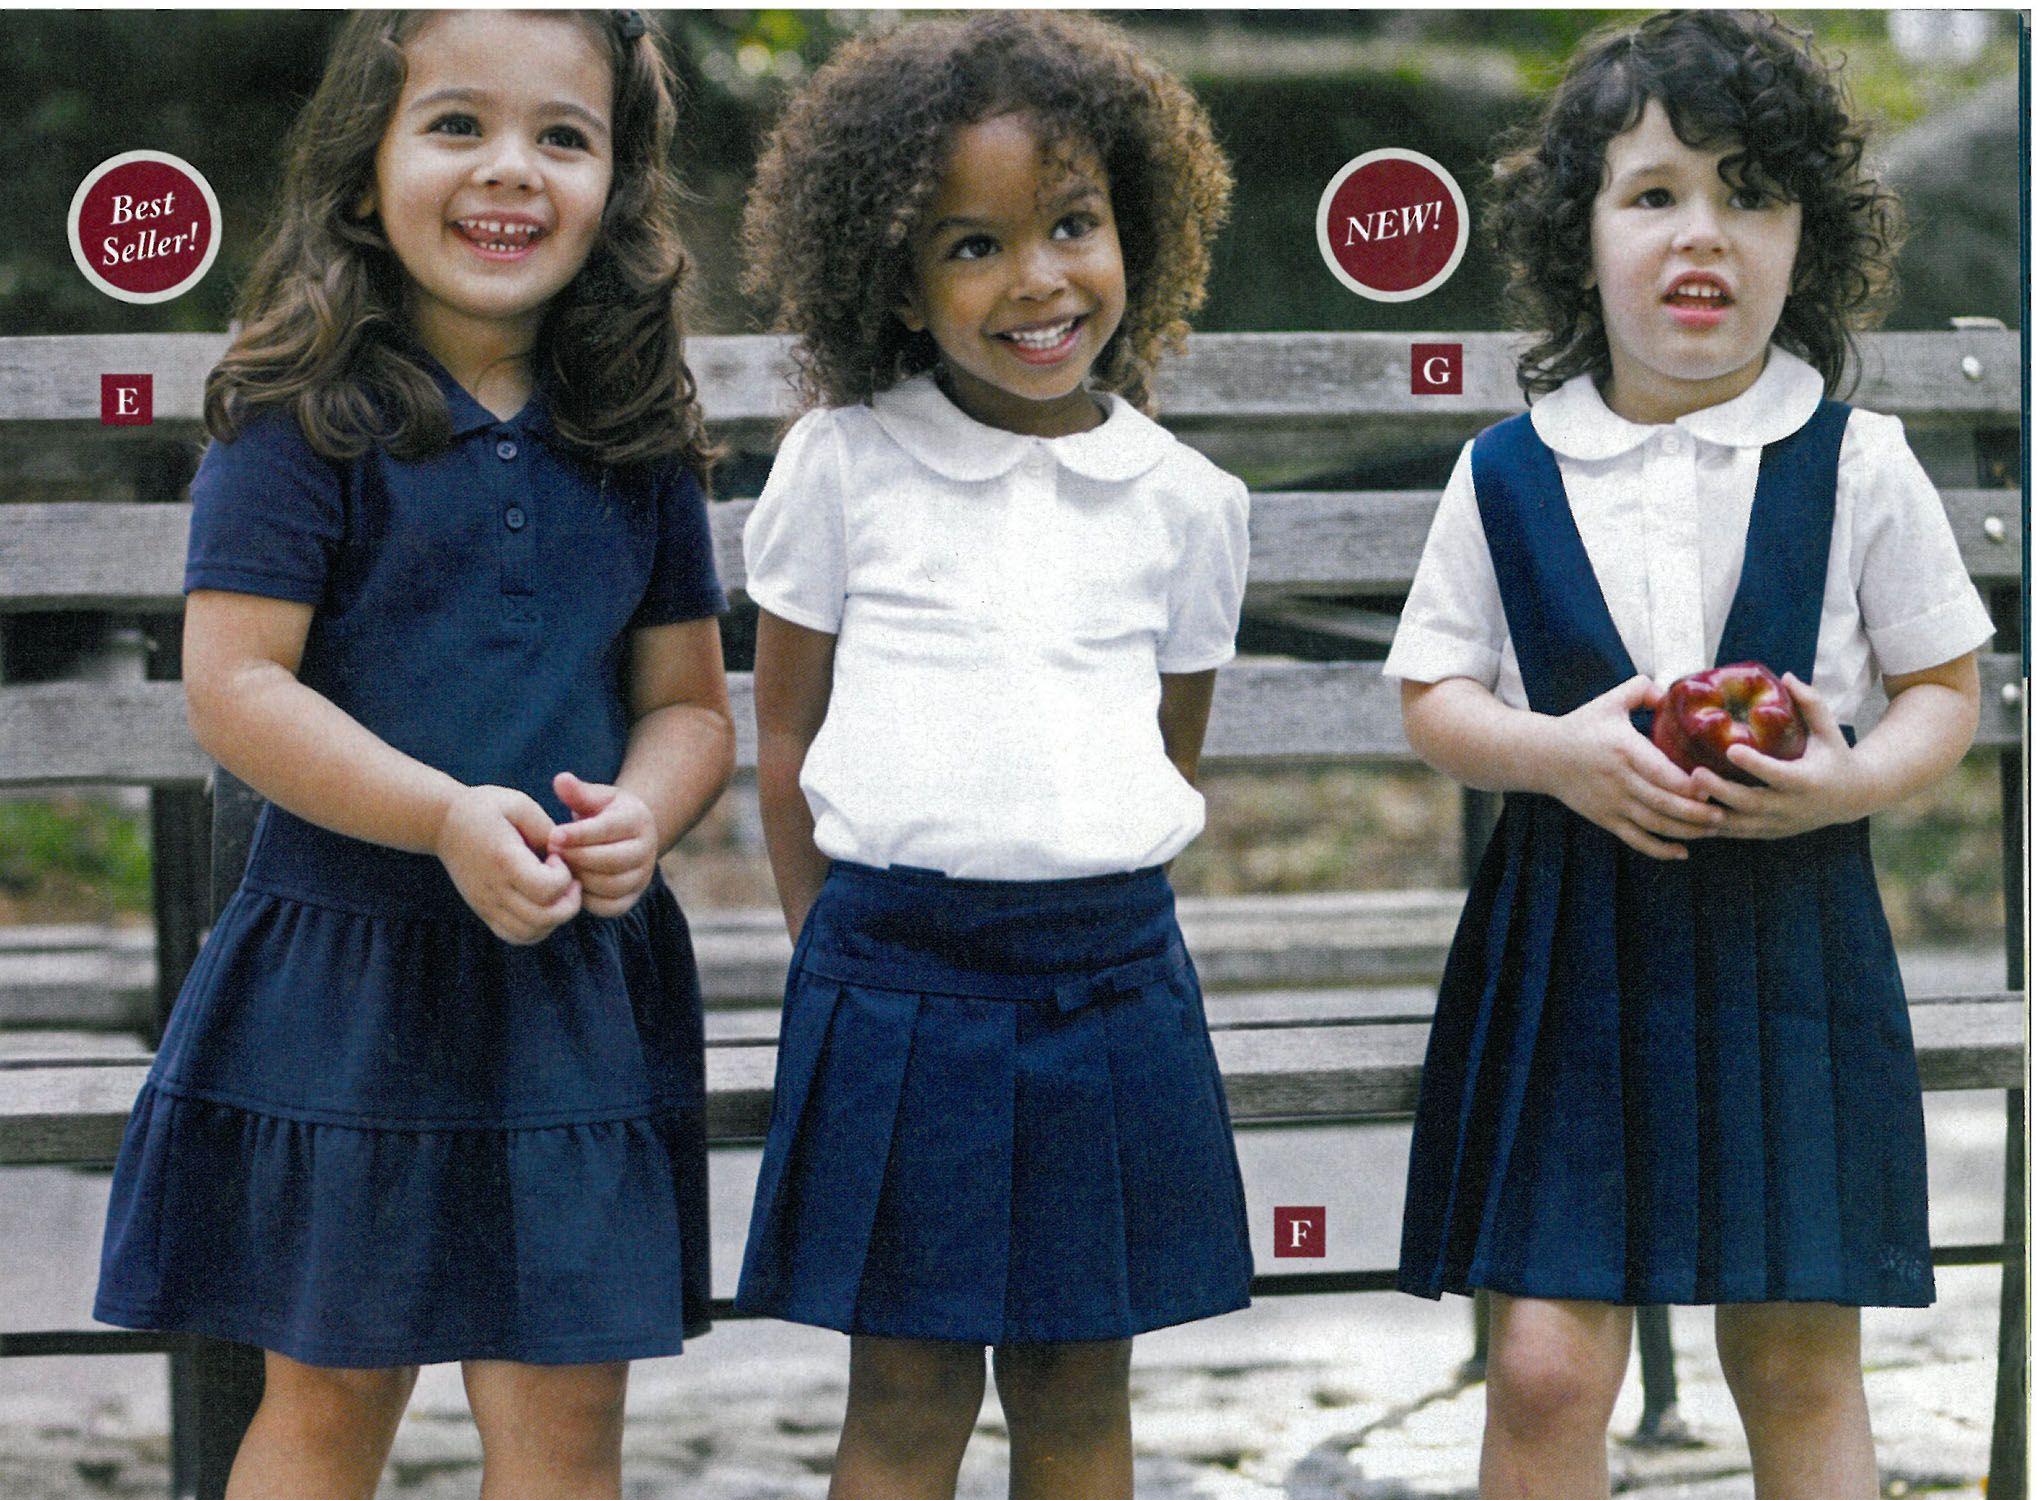 بالصور بنات المدرسه , صور جميلة لبنات في مرحلة الدراسة 3356 1